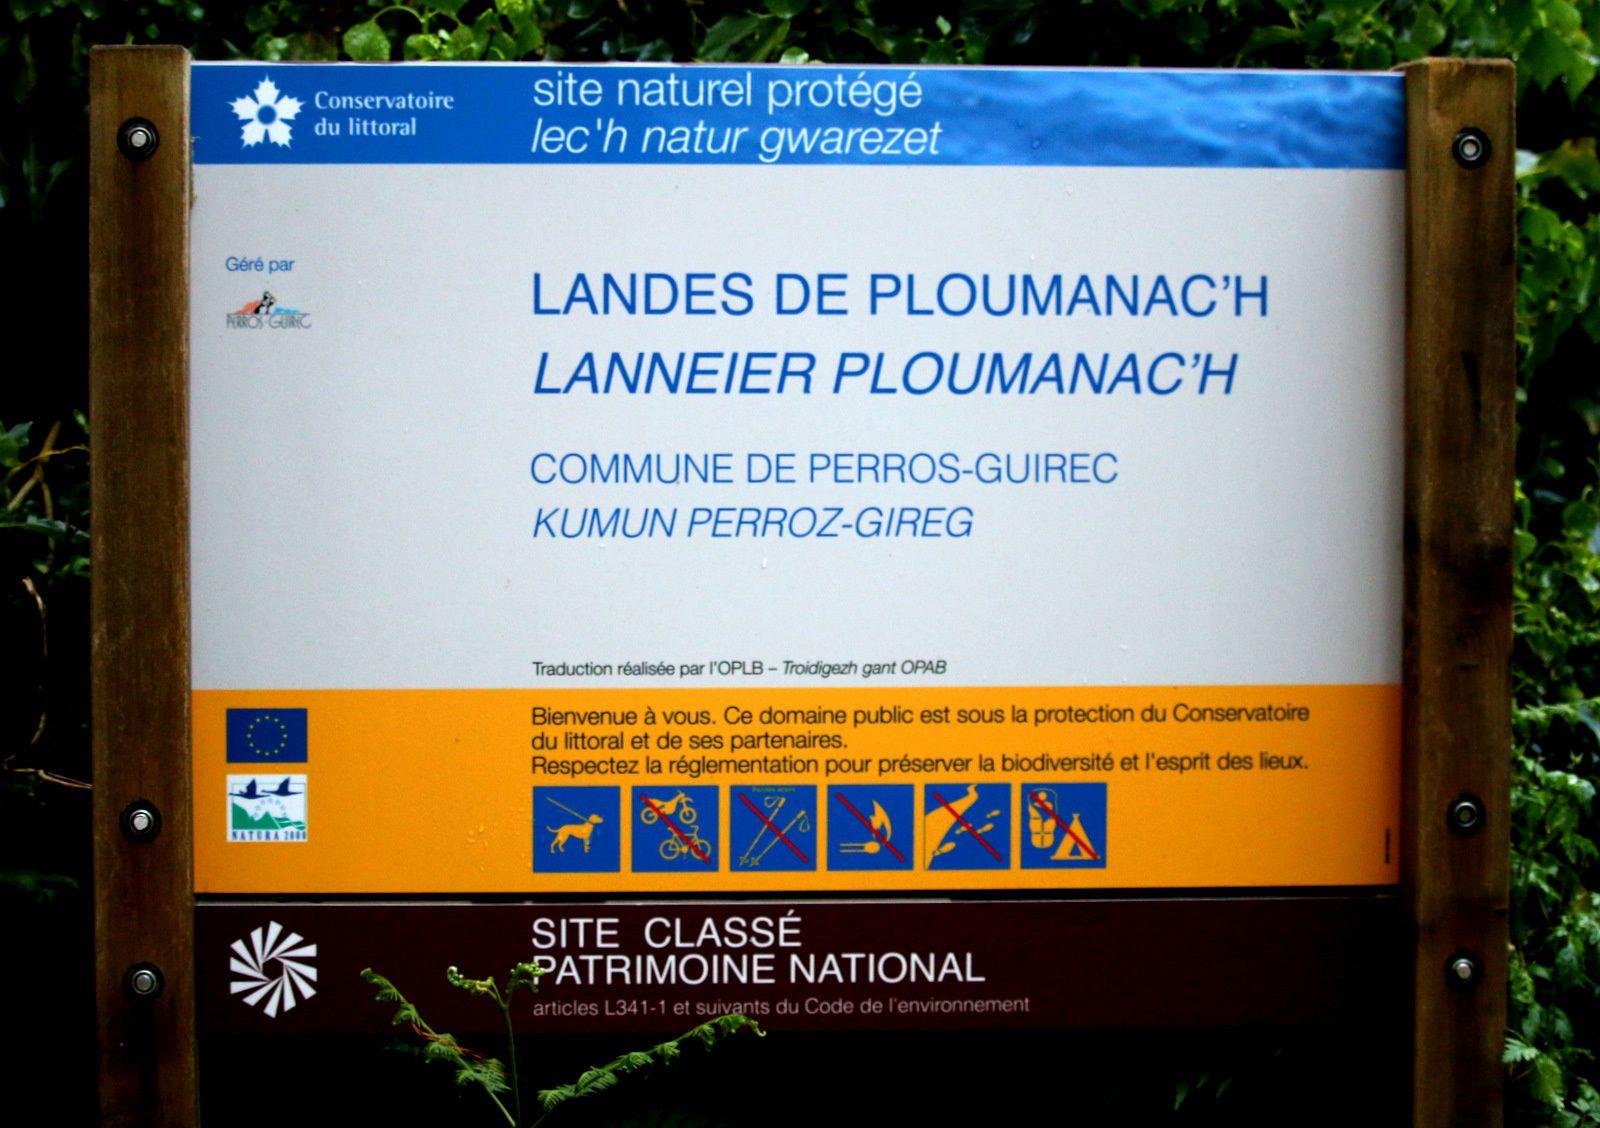 Rochers remarquables des landes de Ploumanac'h (1/2)